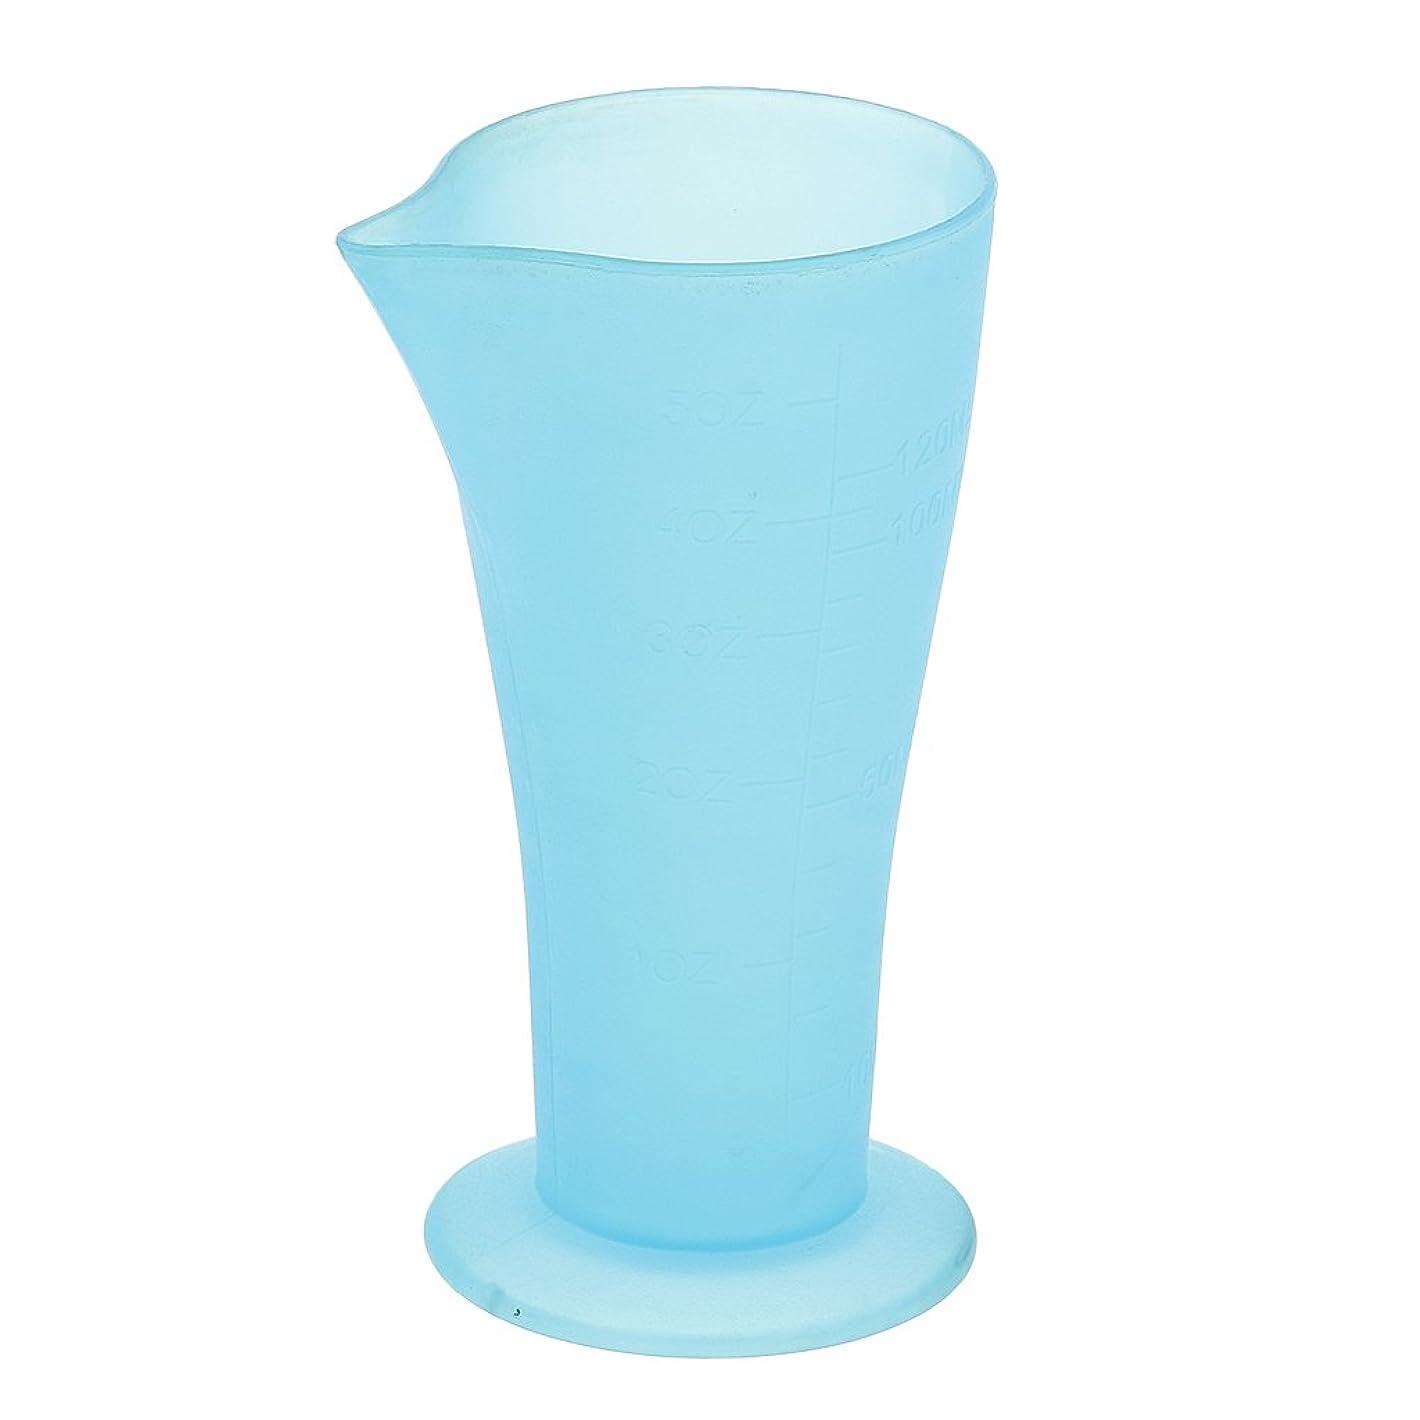 ズームインするアサー確かにCUTICATE 計量カップ ヘアダイカップ ヘアカラーカップ 再使用可 120mL ヘアサロン